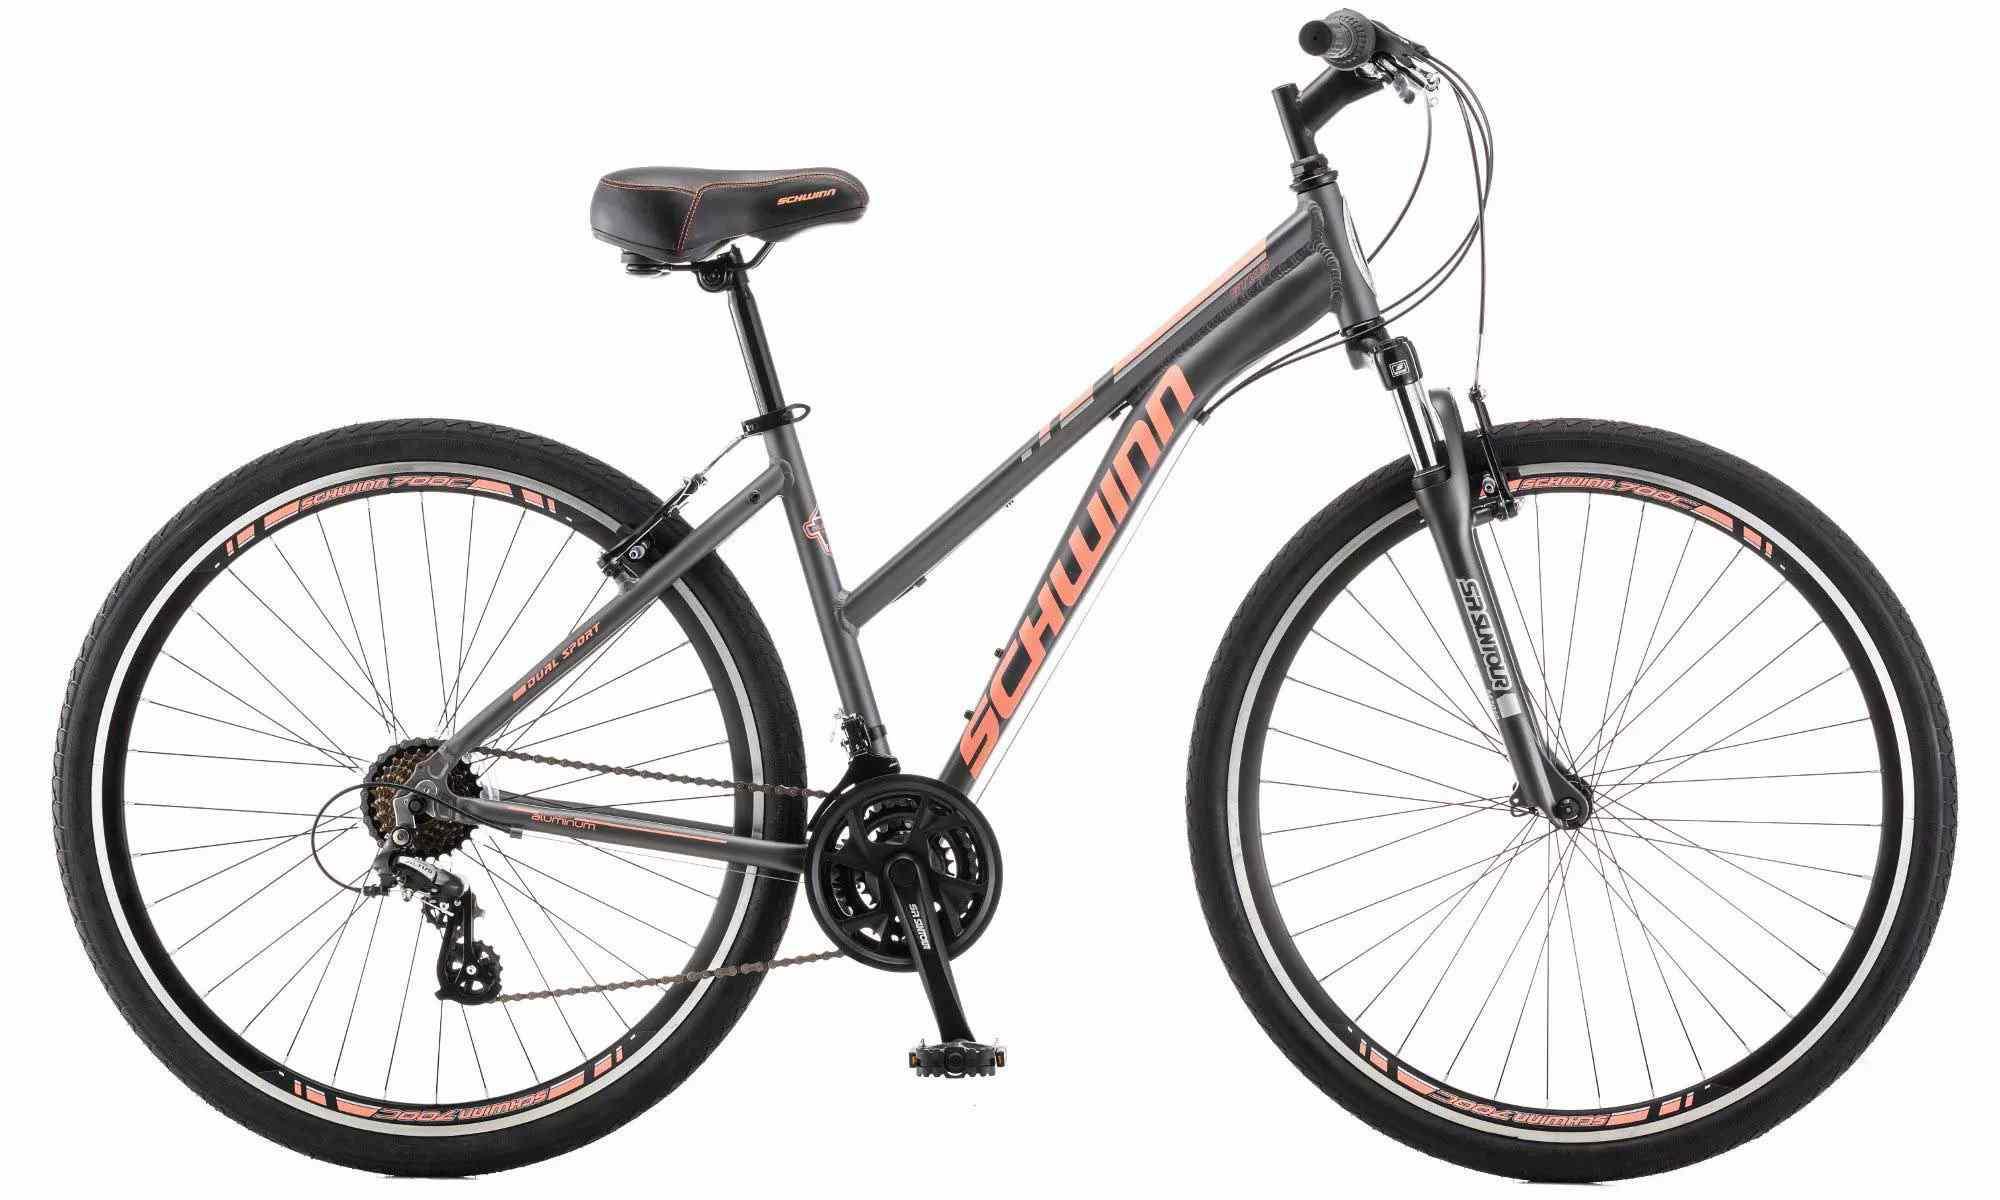 Schwinn GTX 3 Hybrid Bike